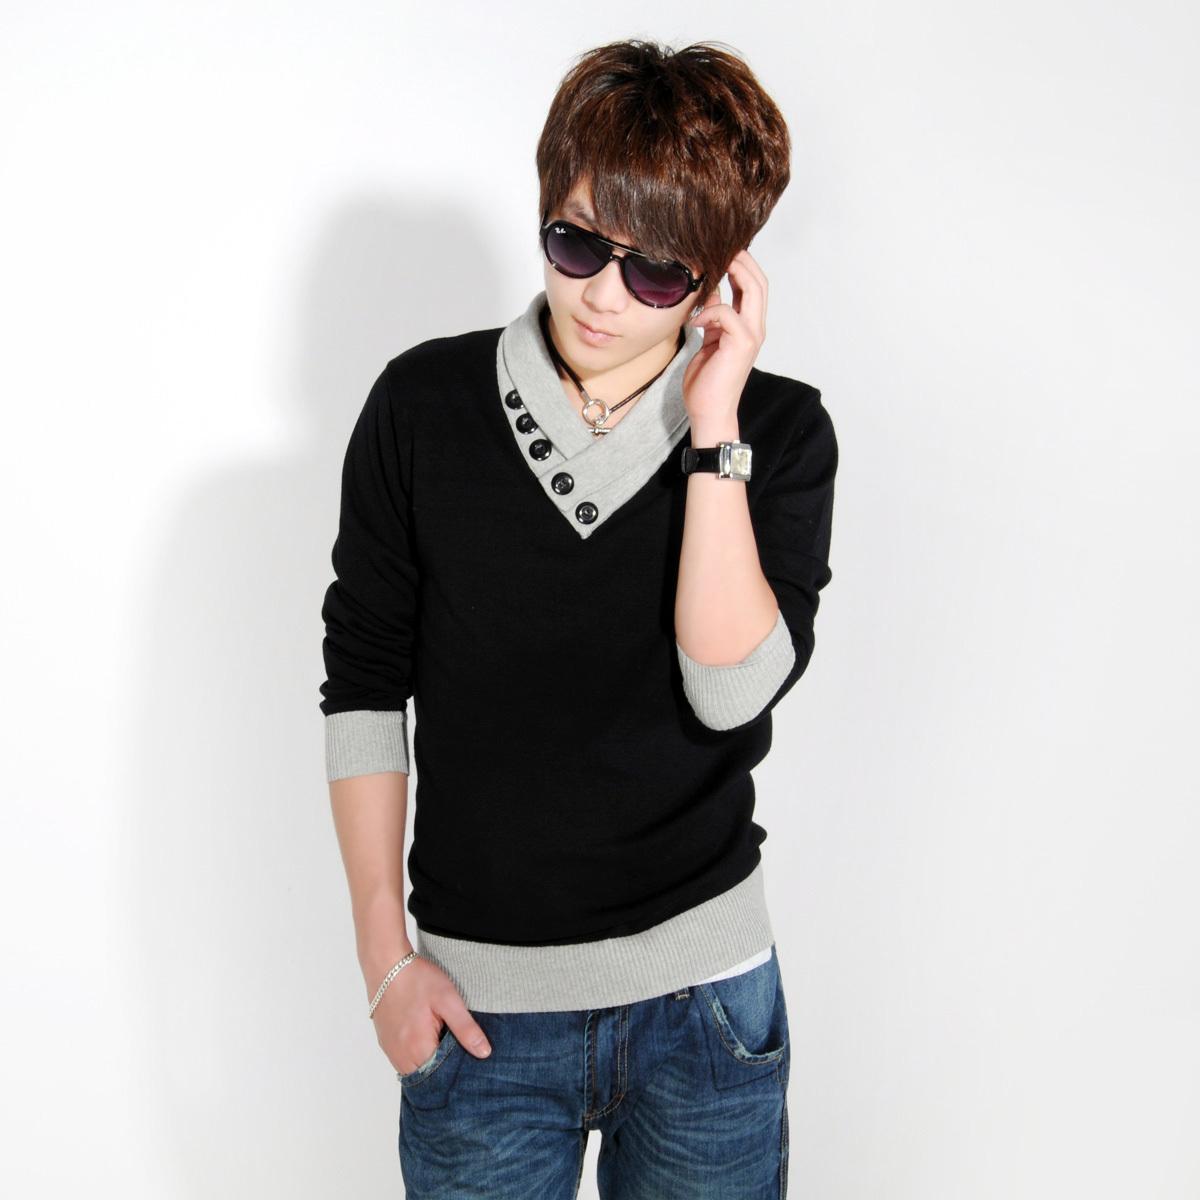 Осень/зима 2014 с новой тенденции корейской версии свитер мужской хлопок тонкий свитер мужской свитер в конце одежды